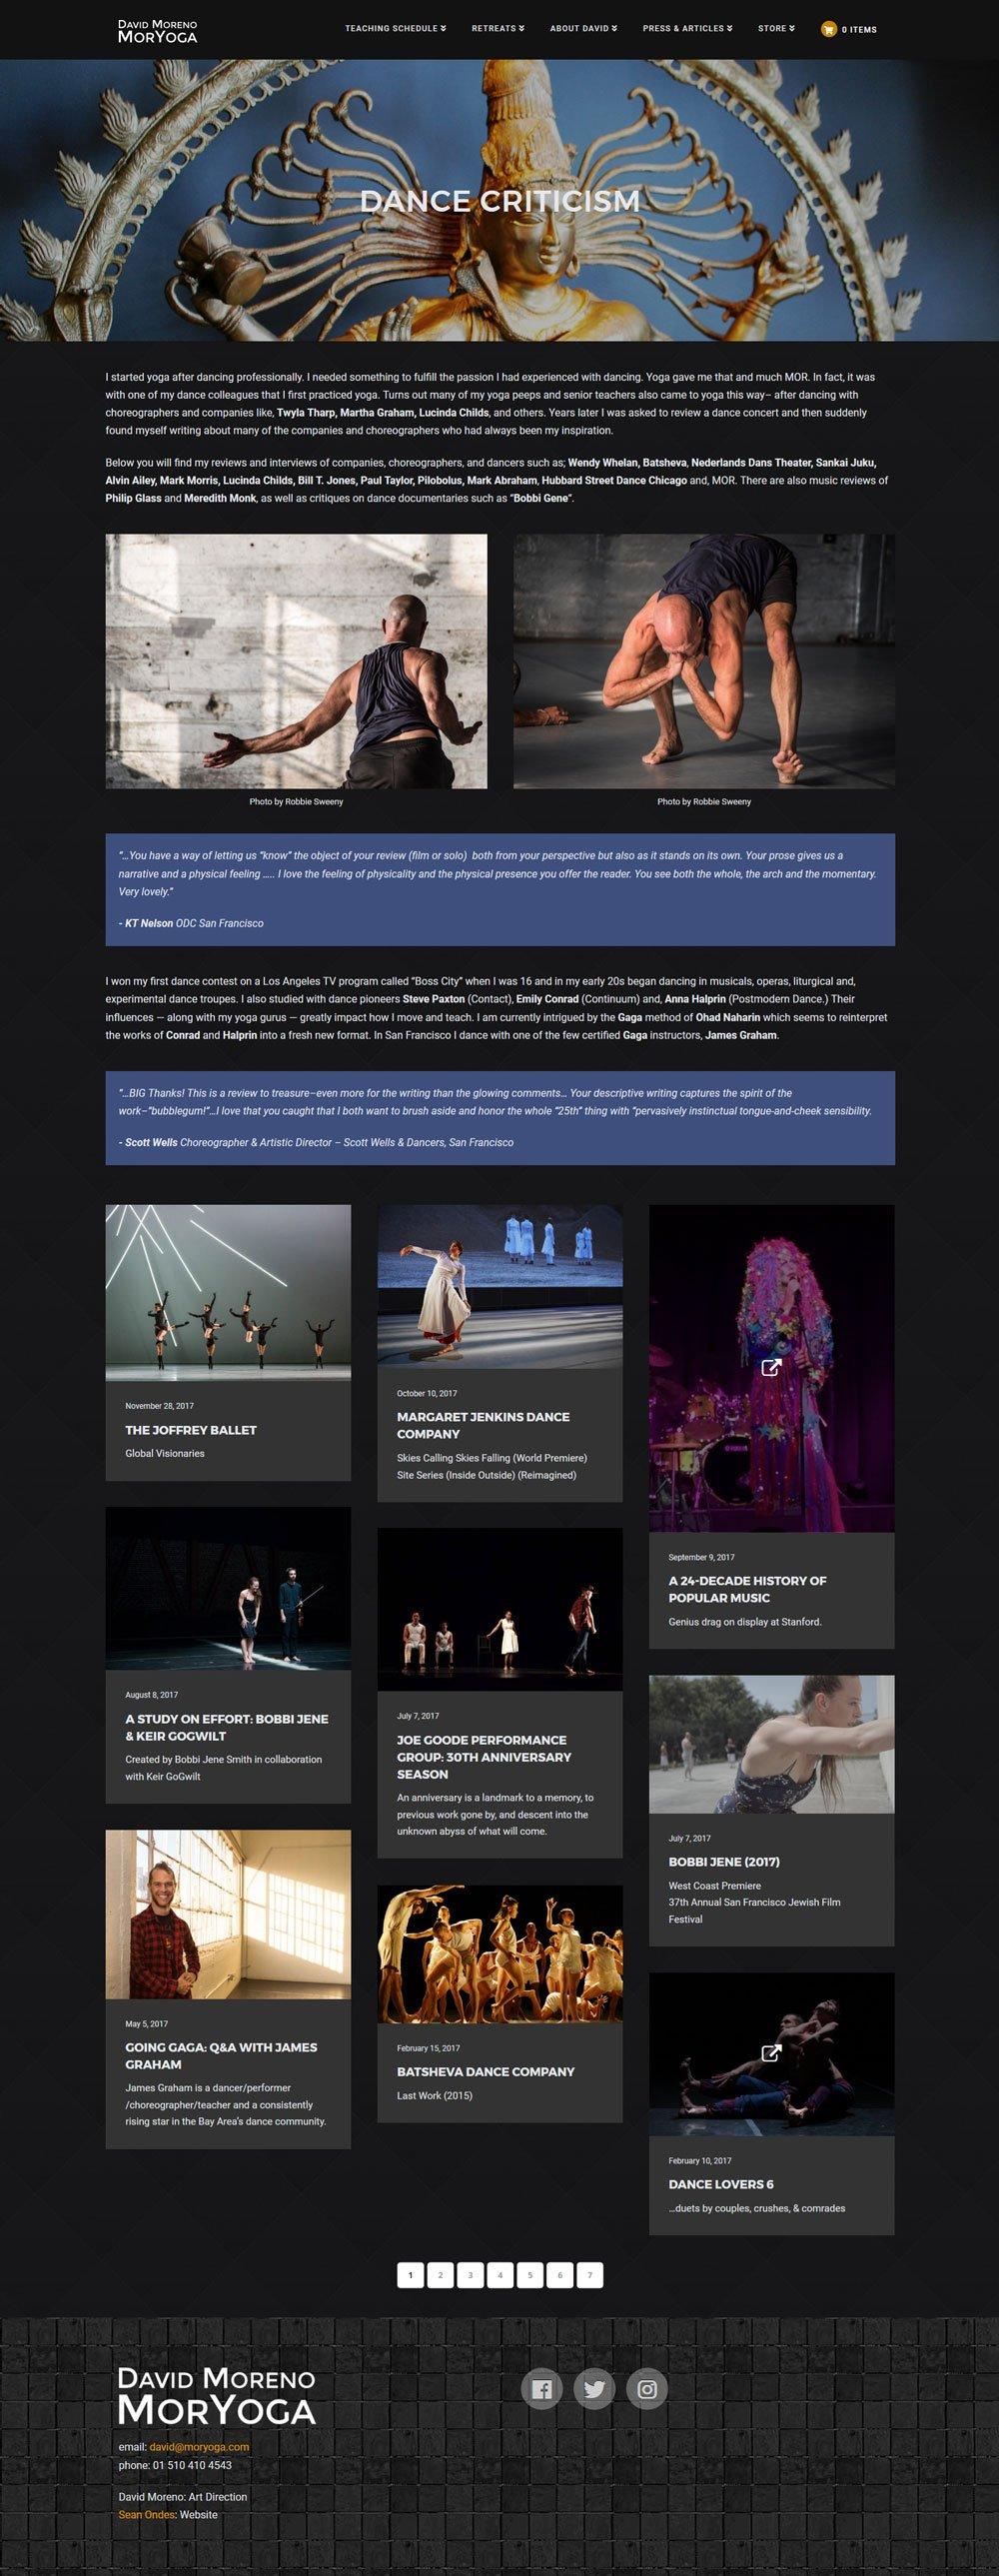 MorYoga - Dance Criticism - moryoga.com